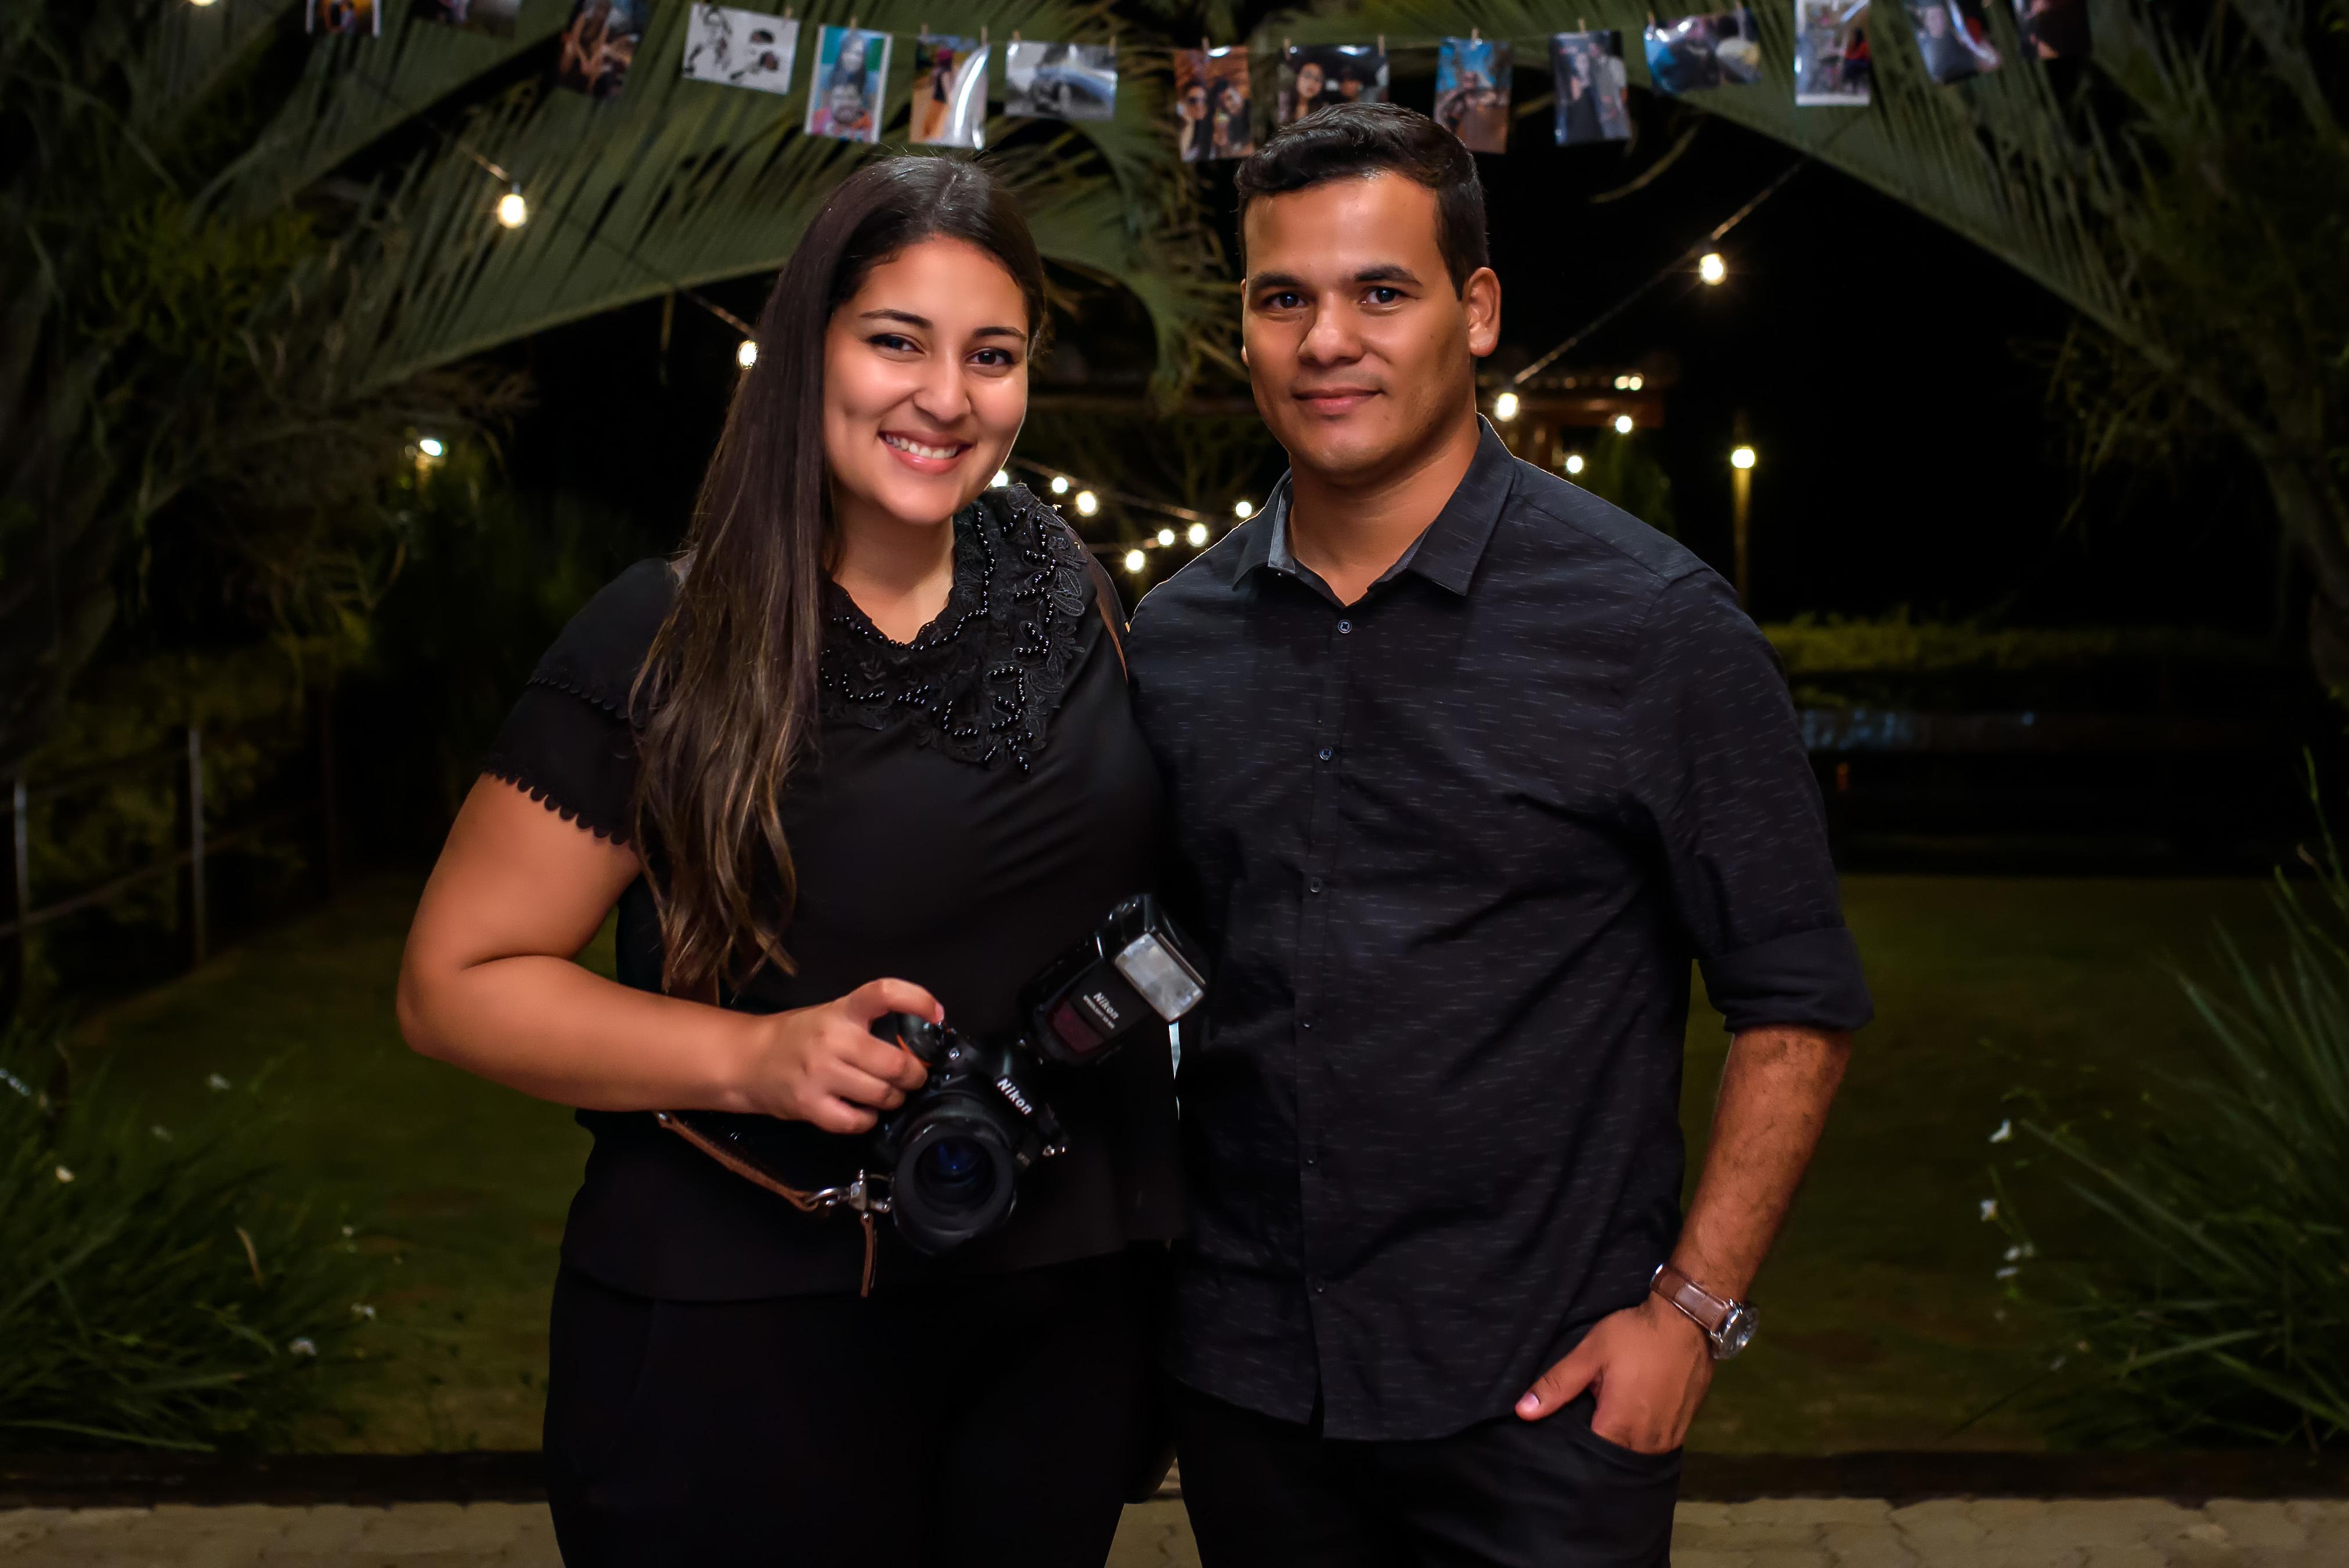 Sobre Fotografos de Casamento  - Alex & Thaís